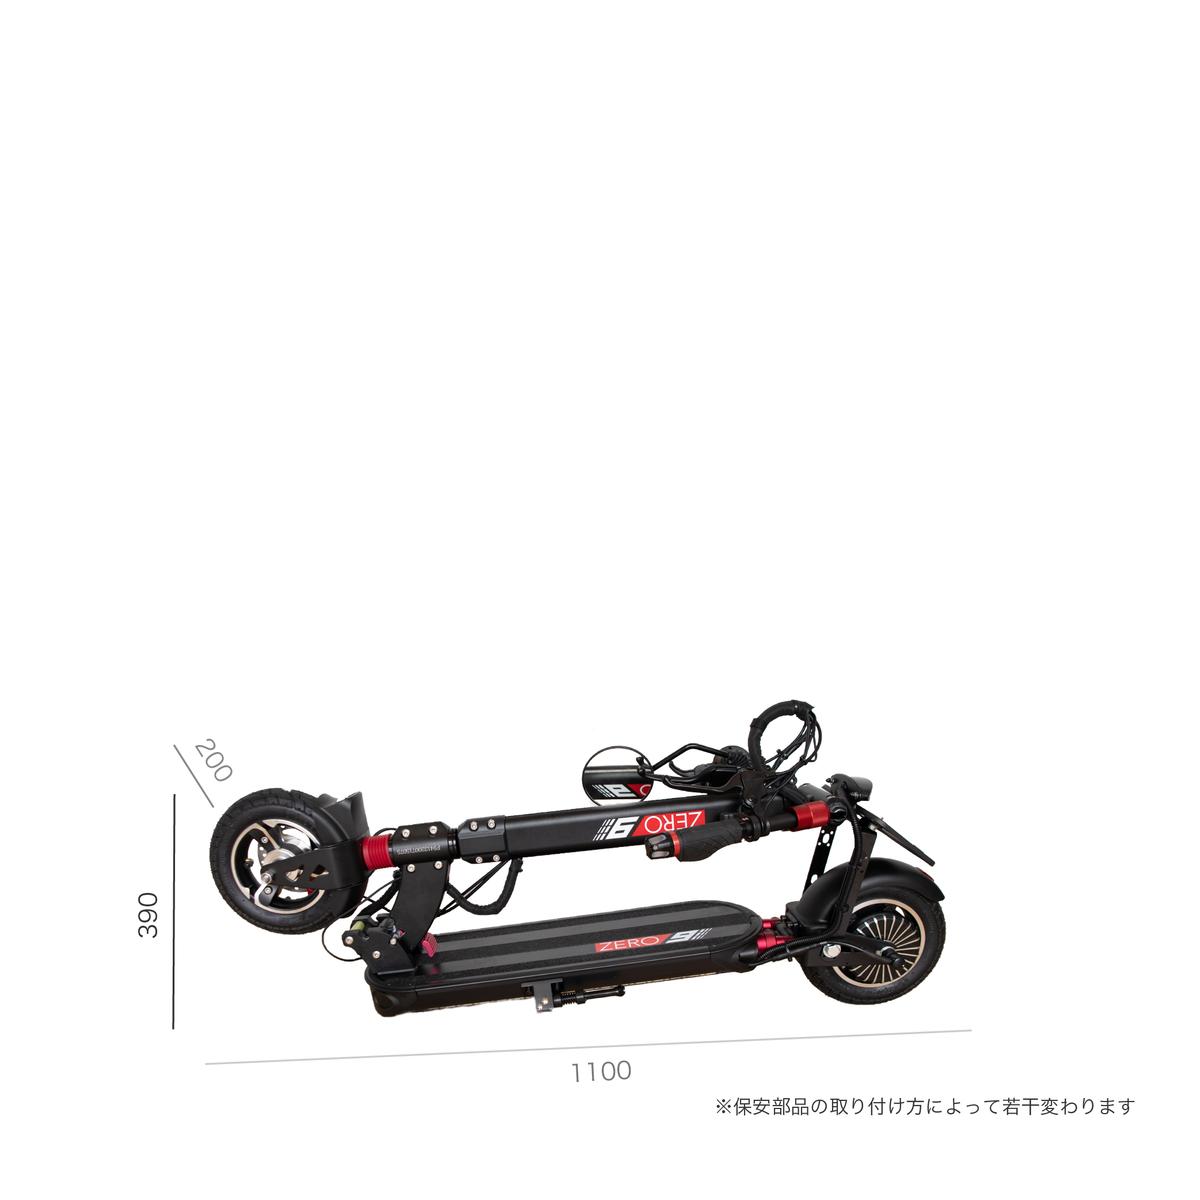 ZERO9 - 公道走行可能な電動キックボード(イモビライザー、キャスター、ワイドタイヤのフルセットバージョン!)